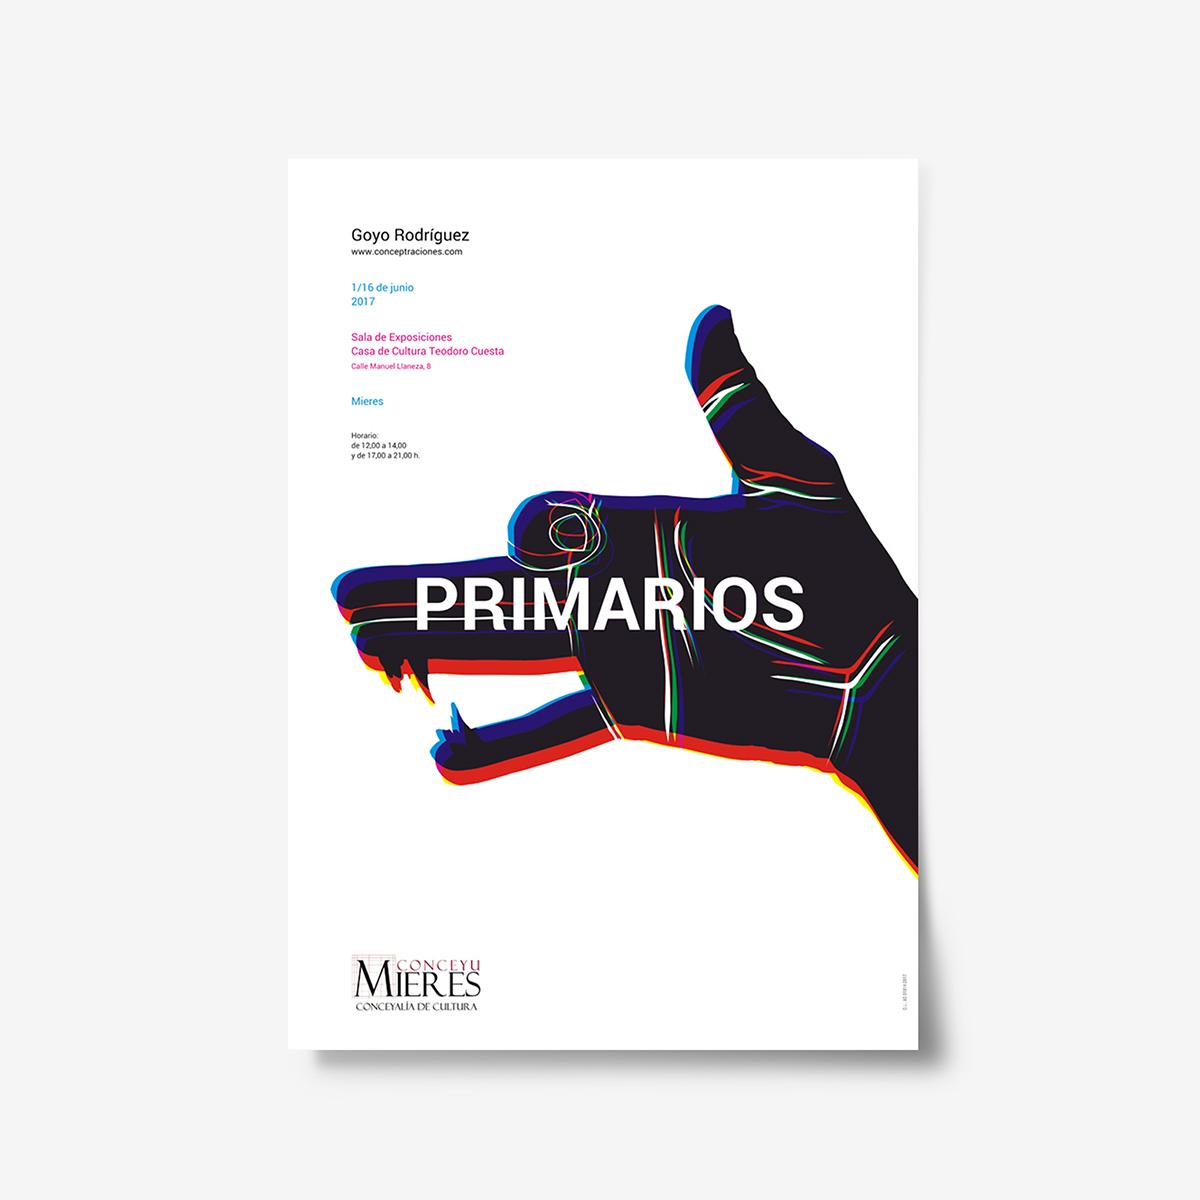 Primarios. Exposiciones conceptraciones en Mieres